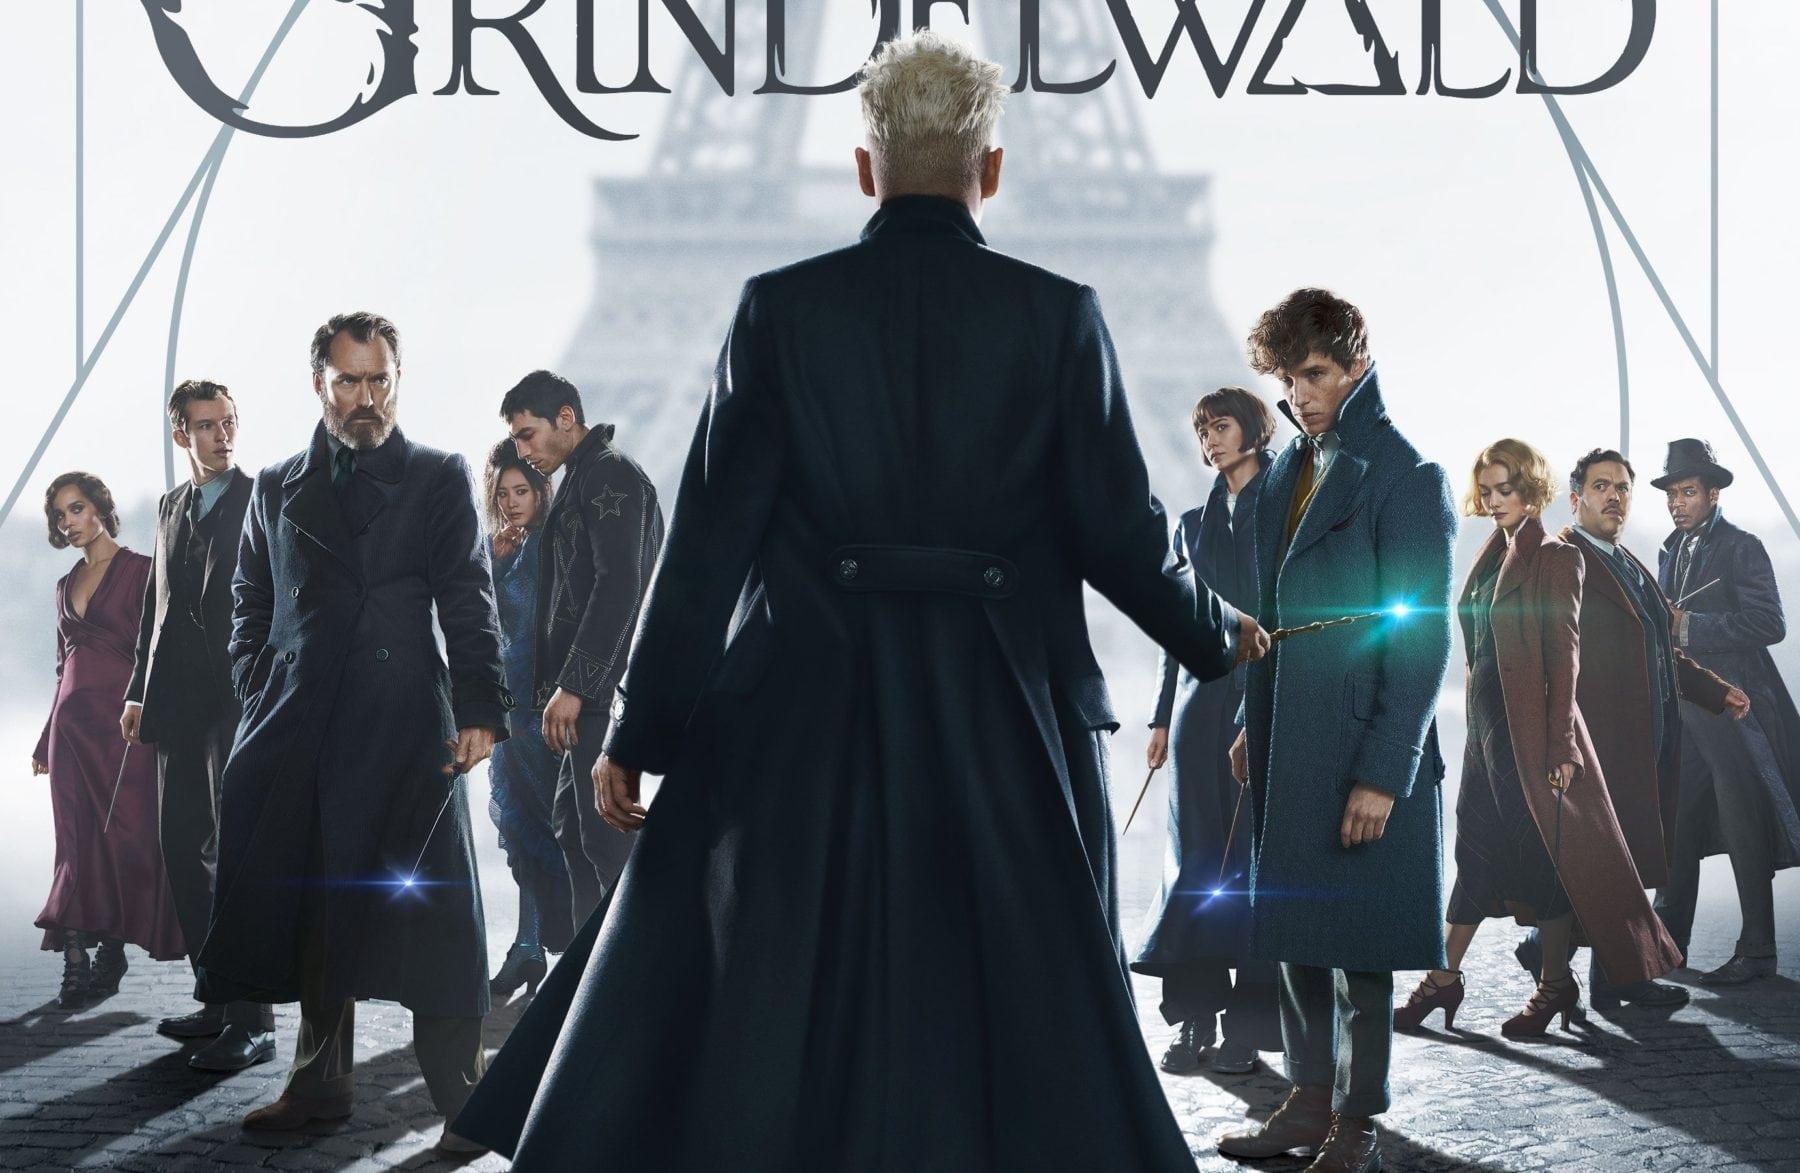 El póster Fantastic Beasts: The Crimes of Grindelwald pone al Mago Oscuro de Johnny Depp al frente y al centro